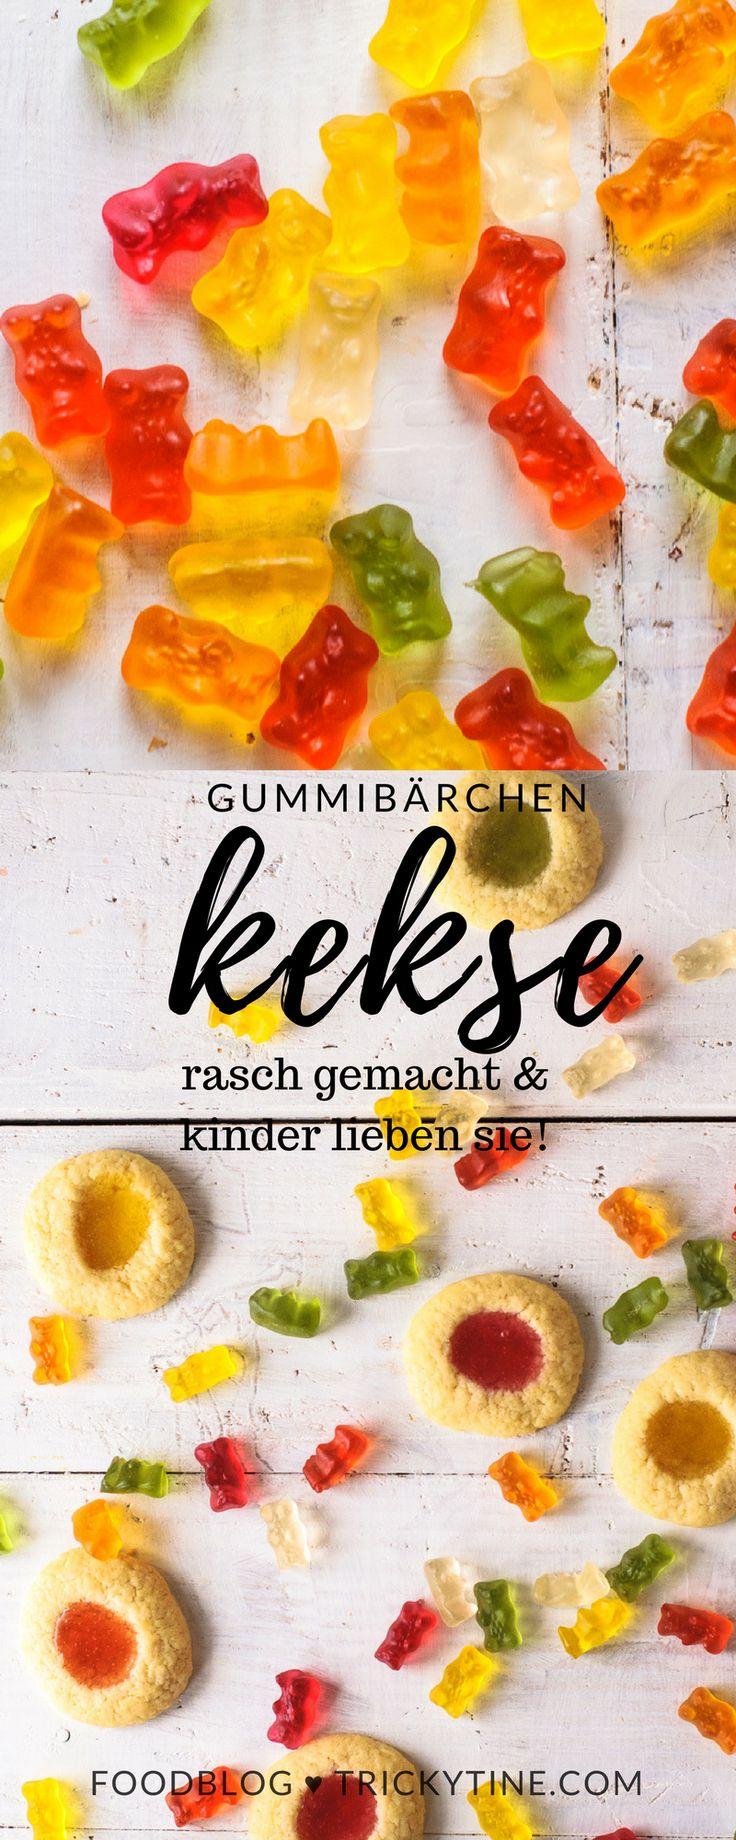 gummibärchenkekse ♥ trickytine #food #blog #trickytine #cookies #bummibärchen #kids #baking